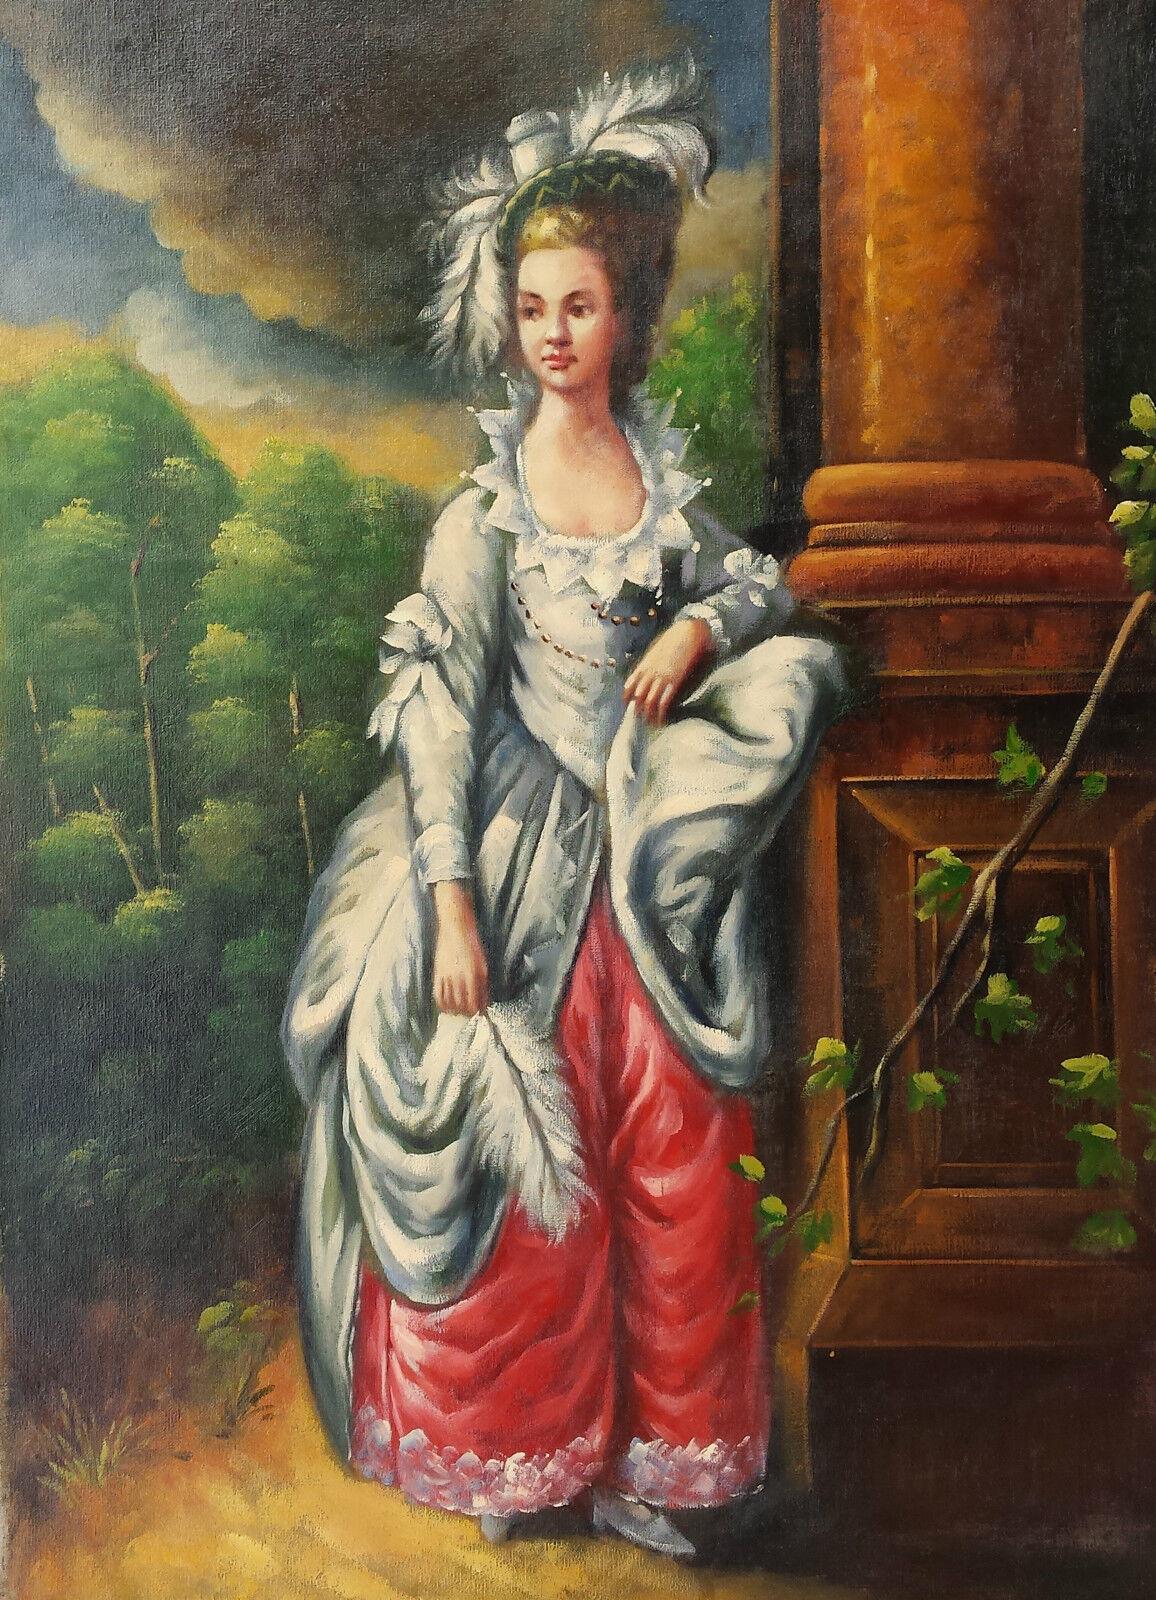 Dipinto Olio su Tela - 50x70 cm - Ritratto di Dama - Quadro Donna